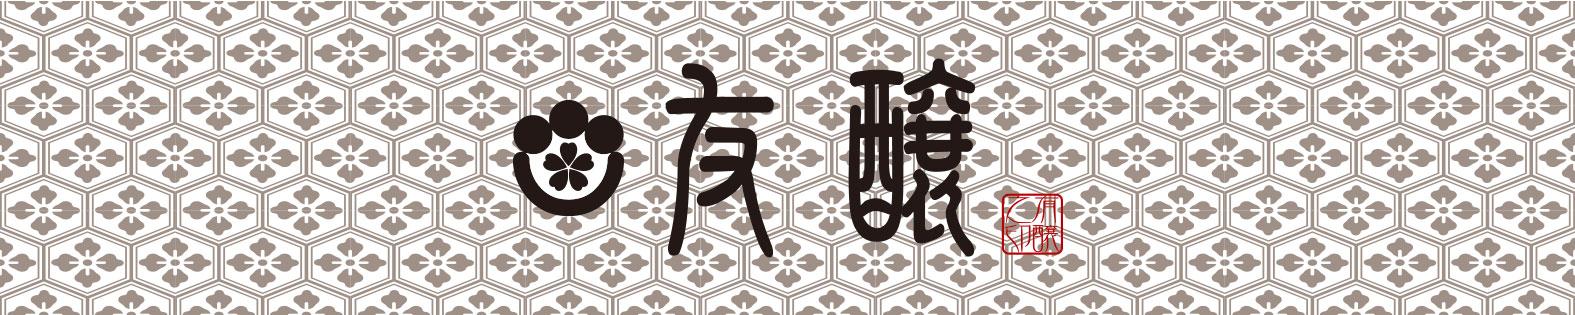 【日本酒】弥栄鶴 祝蔵舞 しぼりたて純米 無濾過生原酒 祝70 限定 新酒26BY_e0173738_1028515.jpg